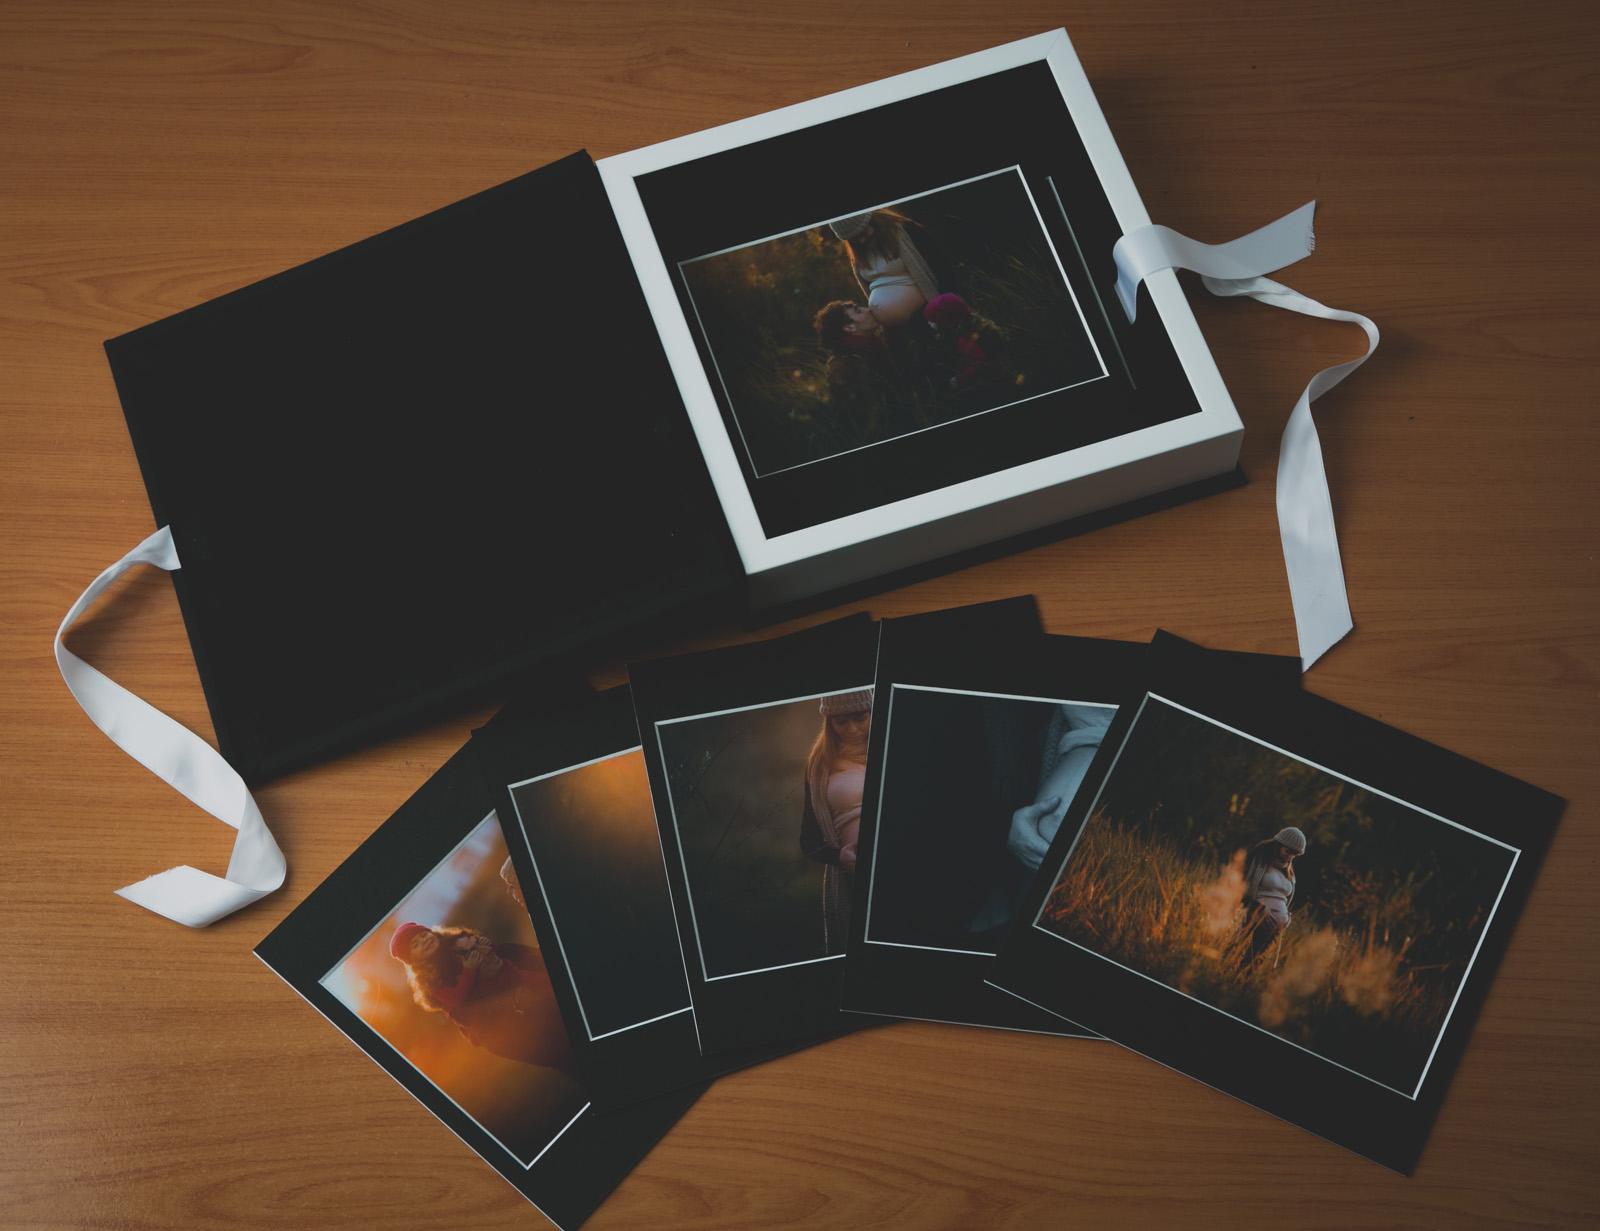 Caja Negra para sesiones de fotos familiares